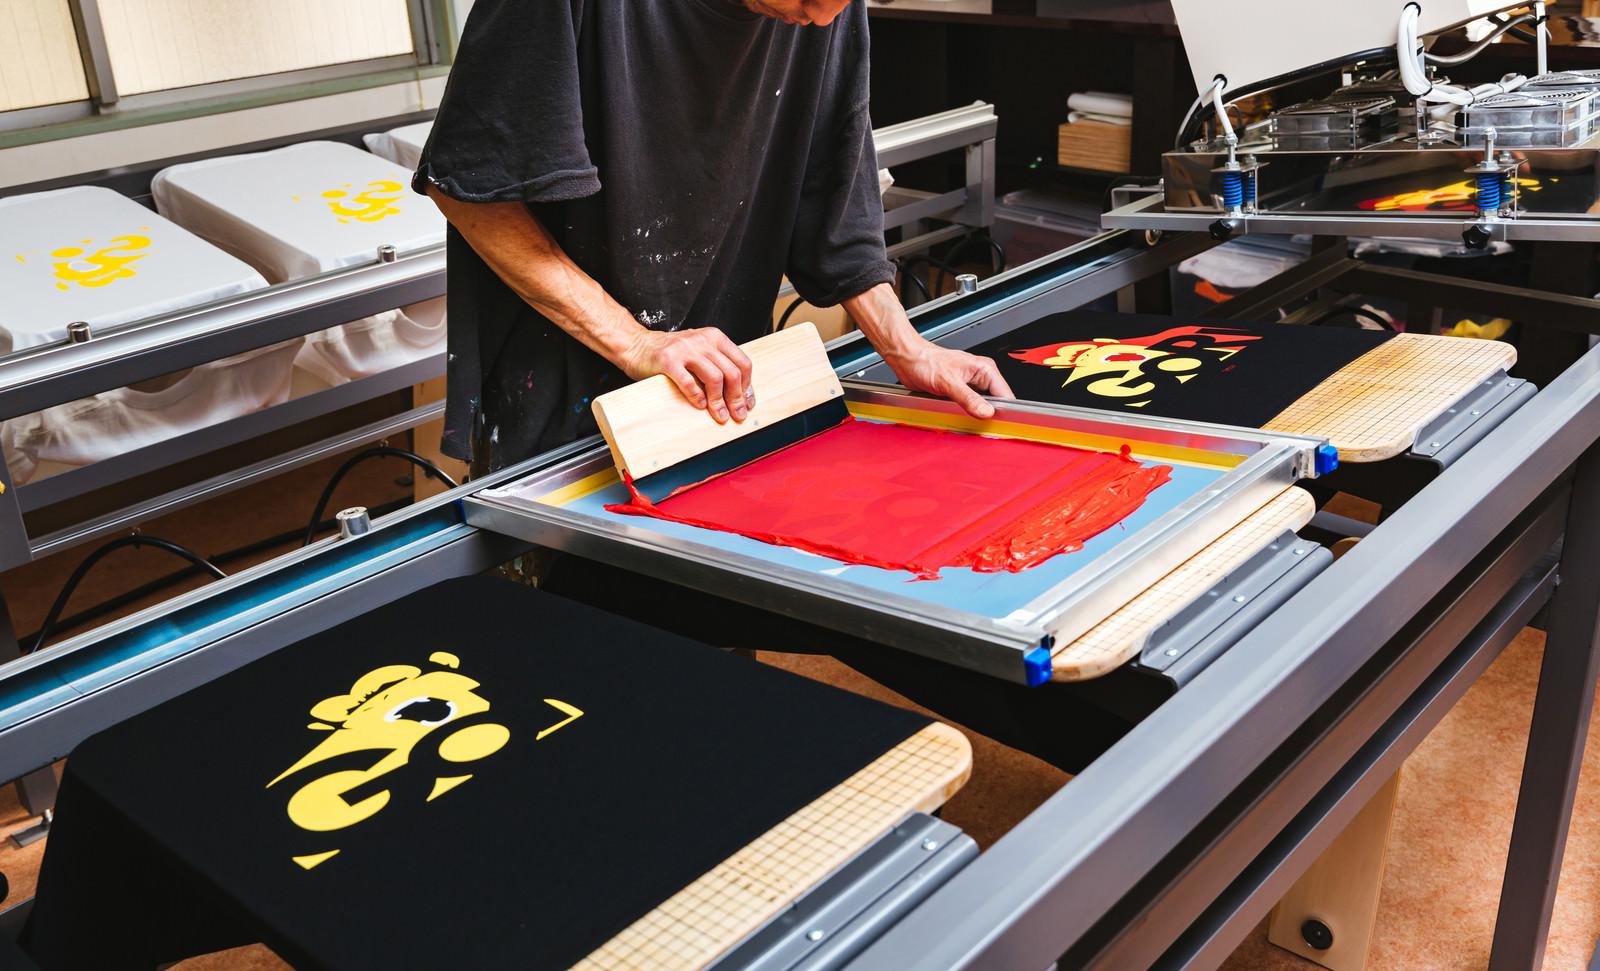 「シルク版のインキを黒いTシャツに着色してい様子 | 写真の無料素材・フリー素材 - ぱくたそ」の写真